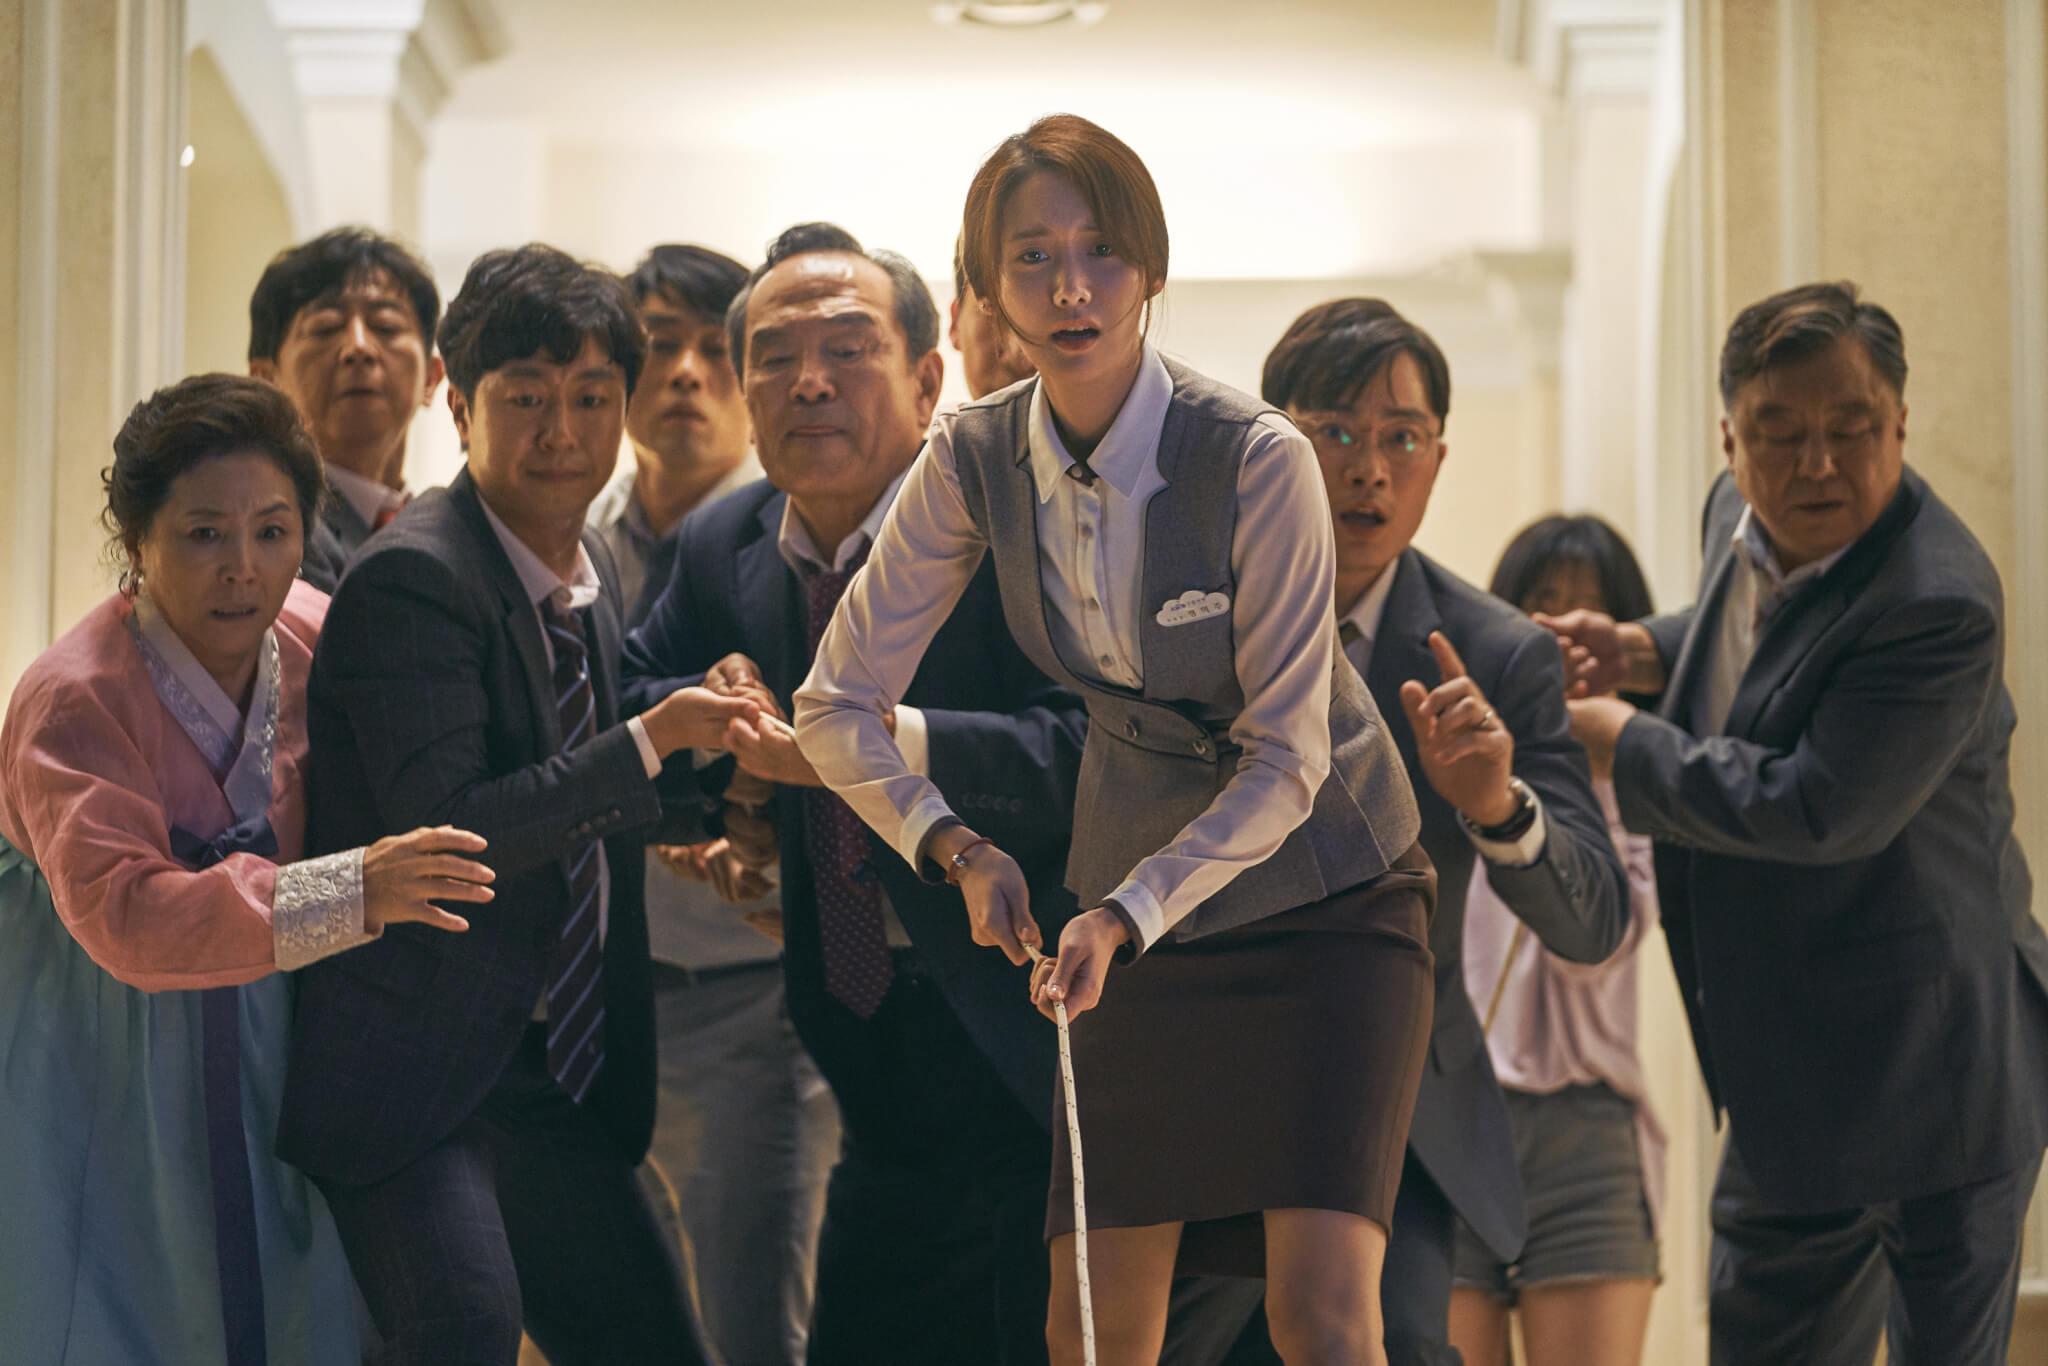 允兒在戲中飾演宴會場地職員,在緊急關頭協助曹政奭家人逃生。